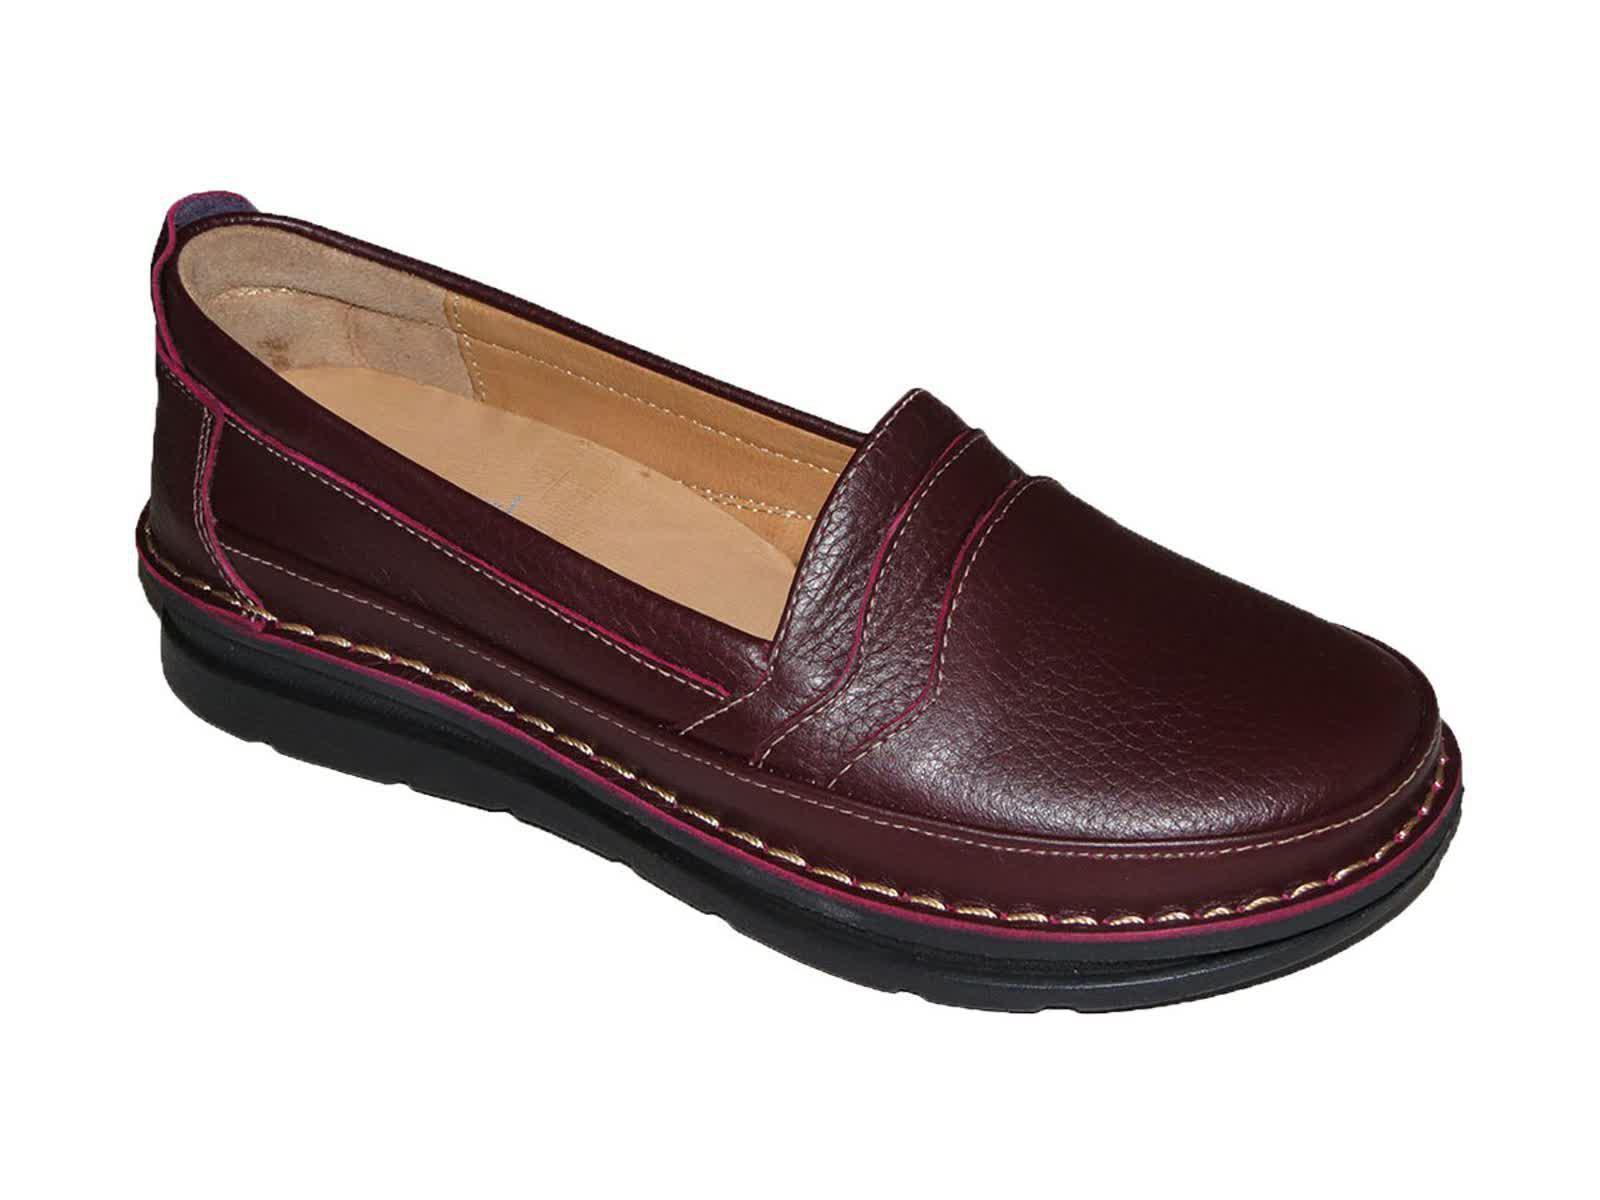 کفش کلارک زنانه مدل آنیل زرشکی